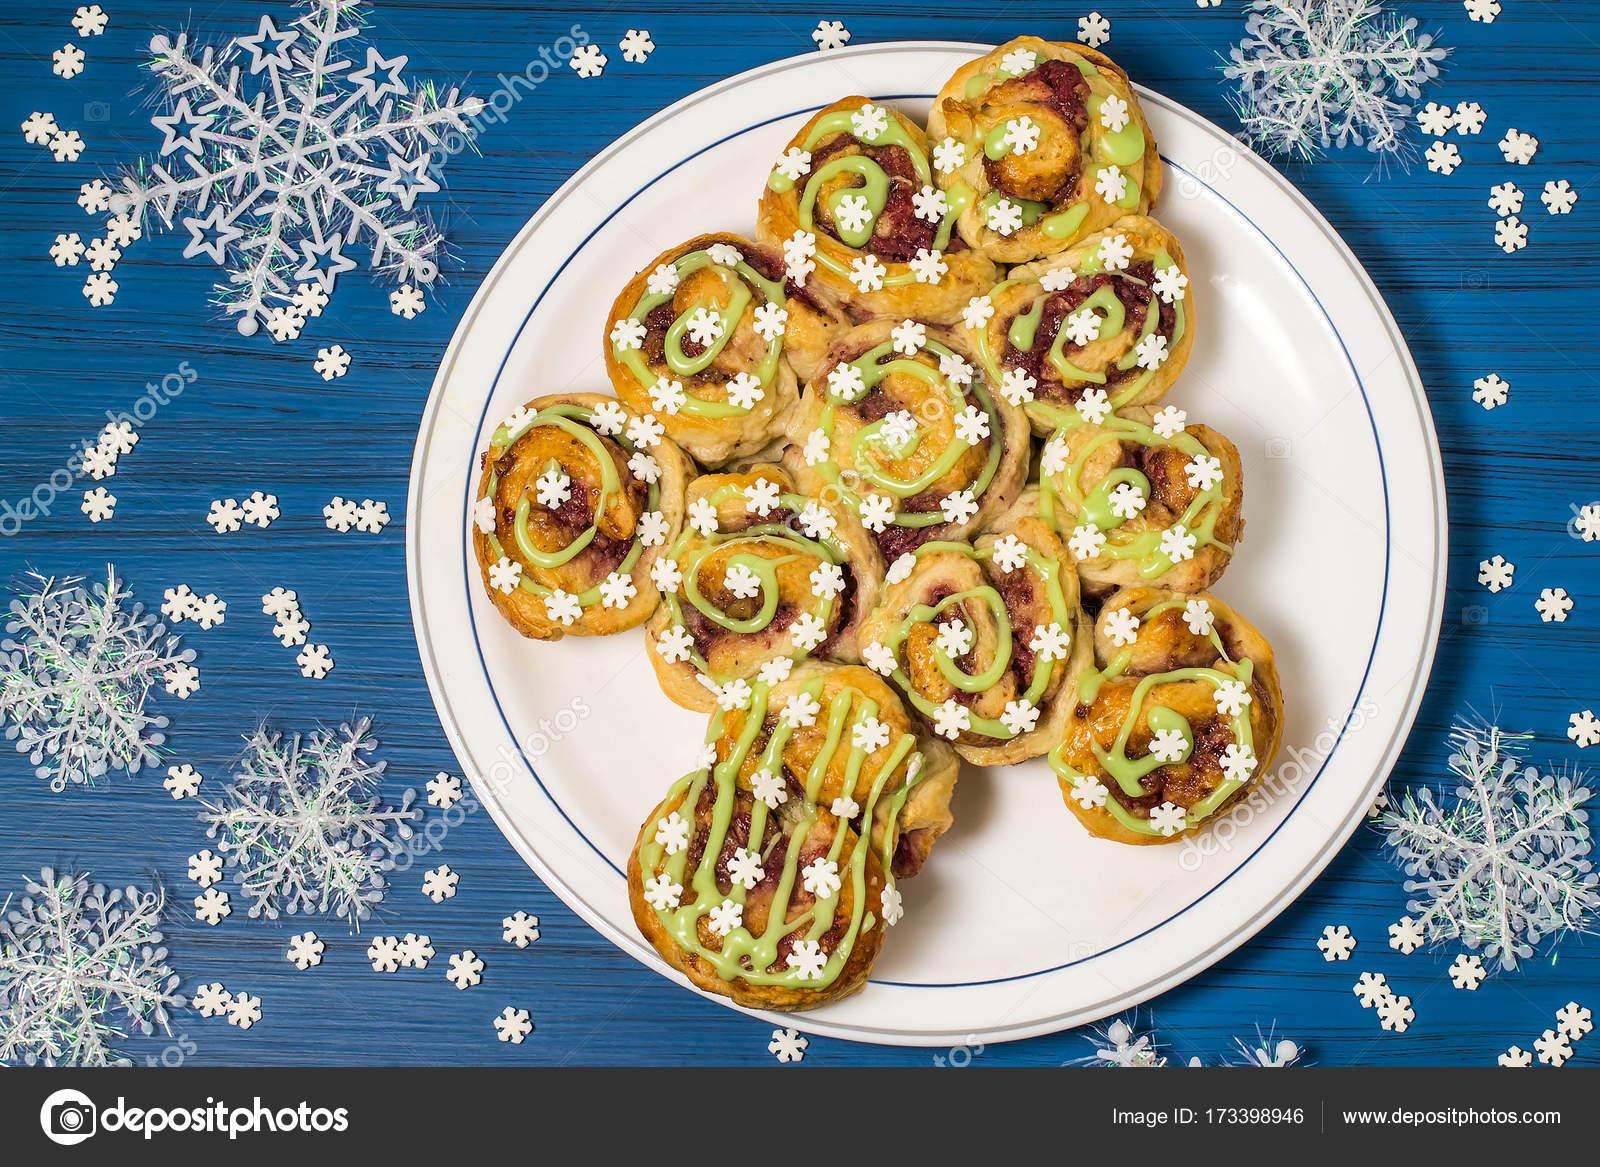 Créatif Des Gâteaux De Pâte Farcie De Canneberges Et Noix Avec Des Flocons  De Neige Glace Et Le Sucre. Original Gâteau Festif Sous Forme Du0027arbre De  Noël, ...